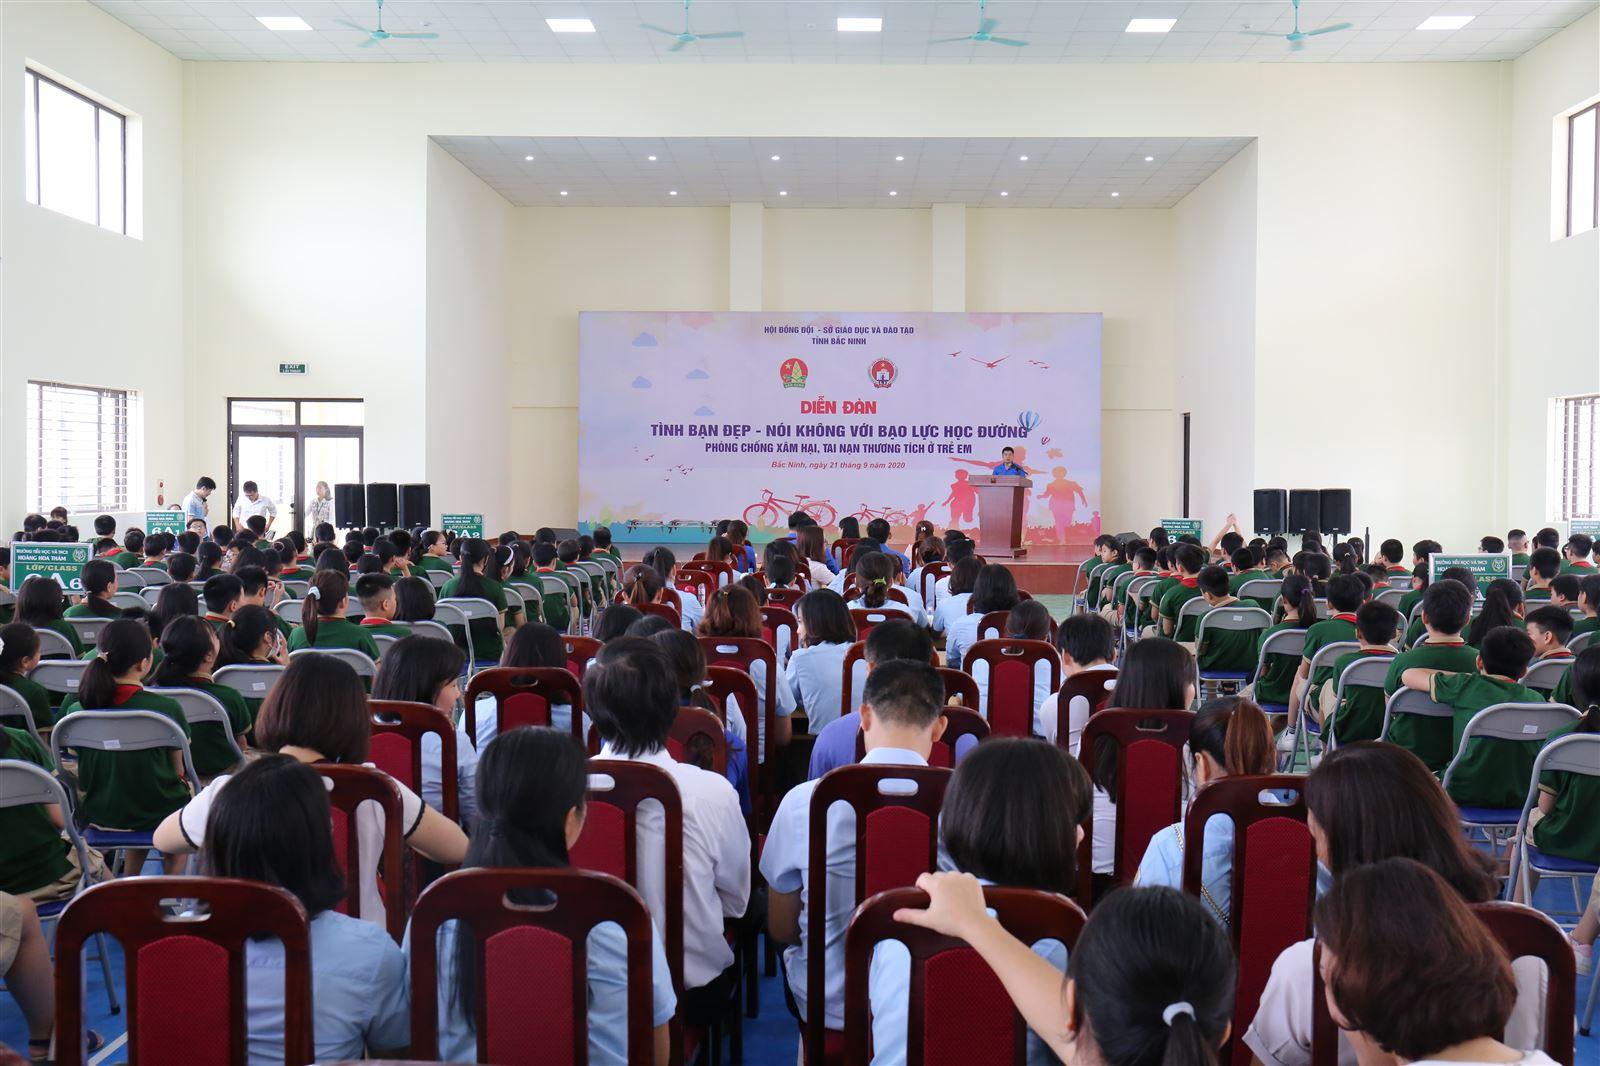 Bắc Ninh tổ chức Diễn đàn Xây dựng tình bạn đẹp - Nói không với bạo lực học đường năm 2020